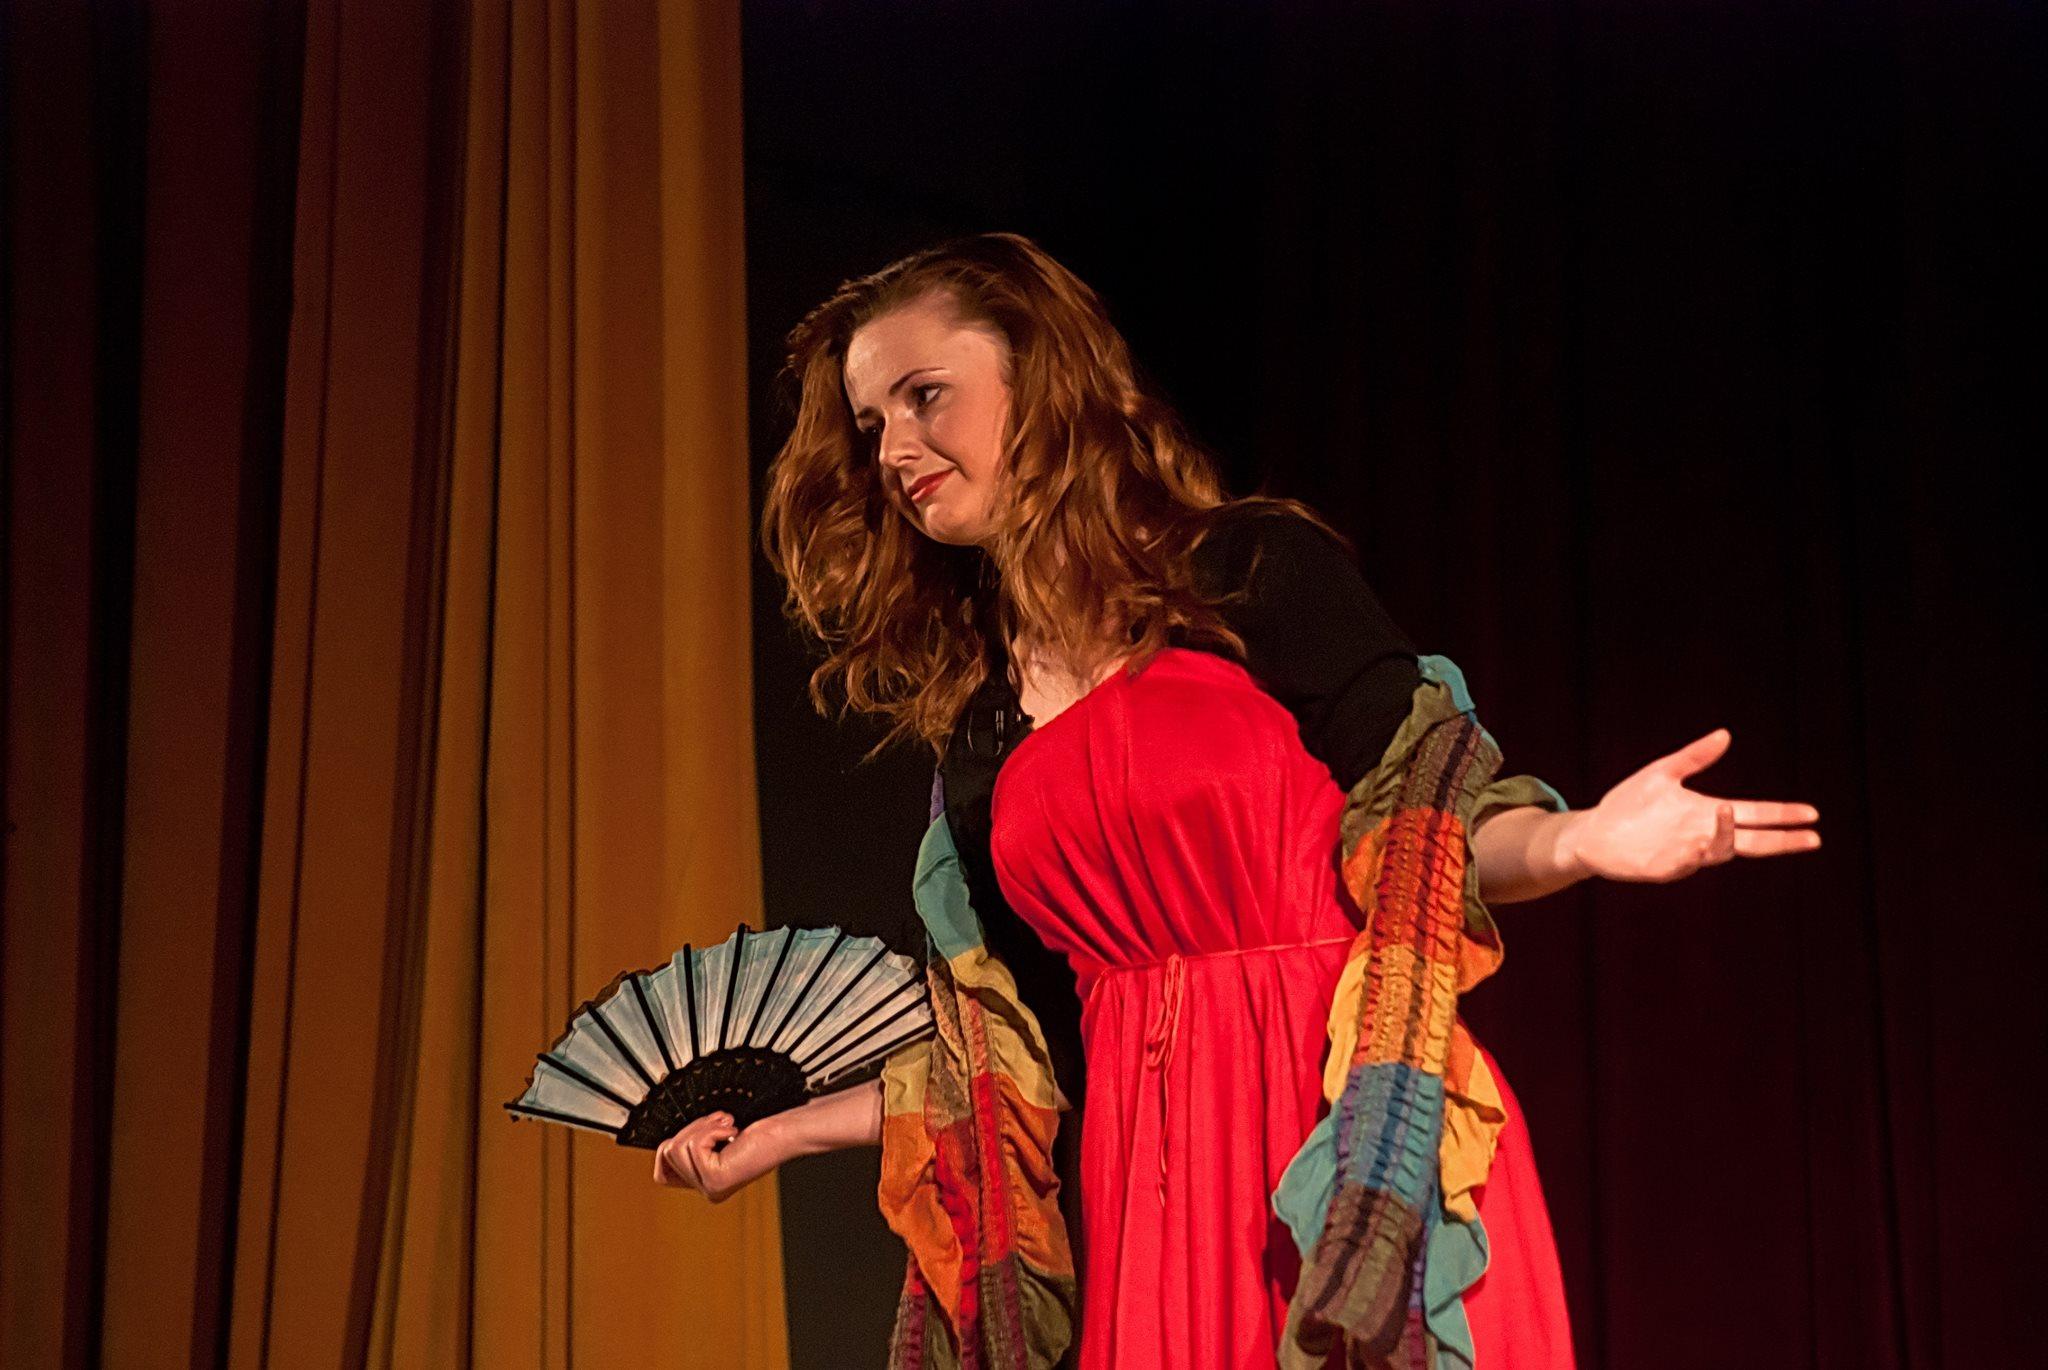 VIORI APRINSE, FEMEILE… spectacolul de teatru, muzică și poezie